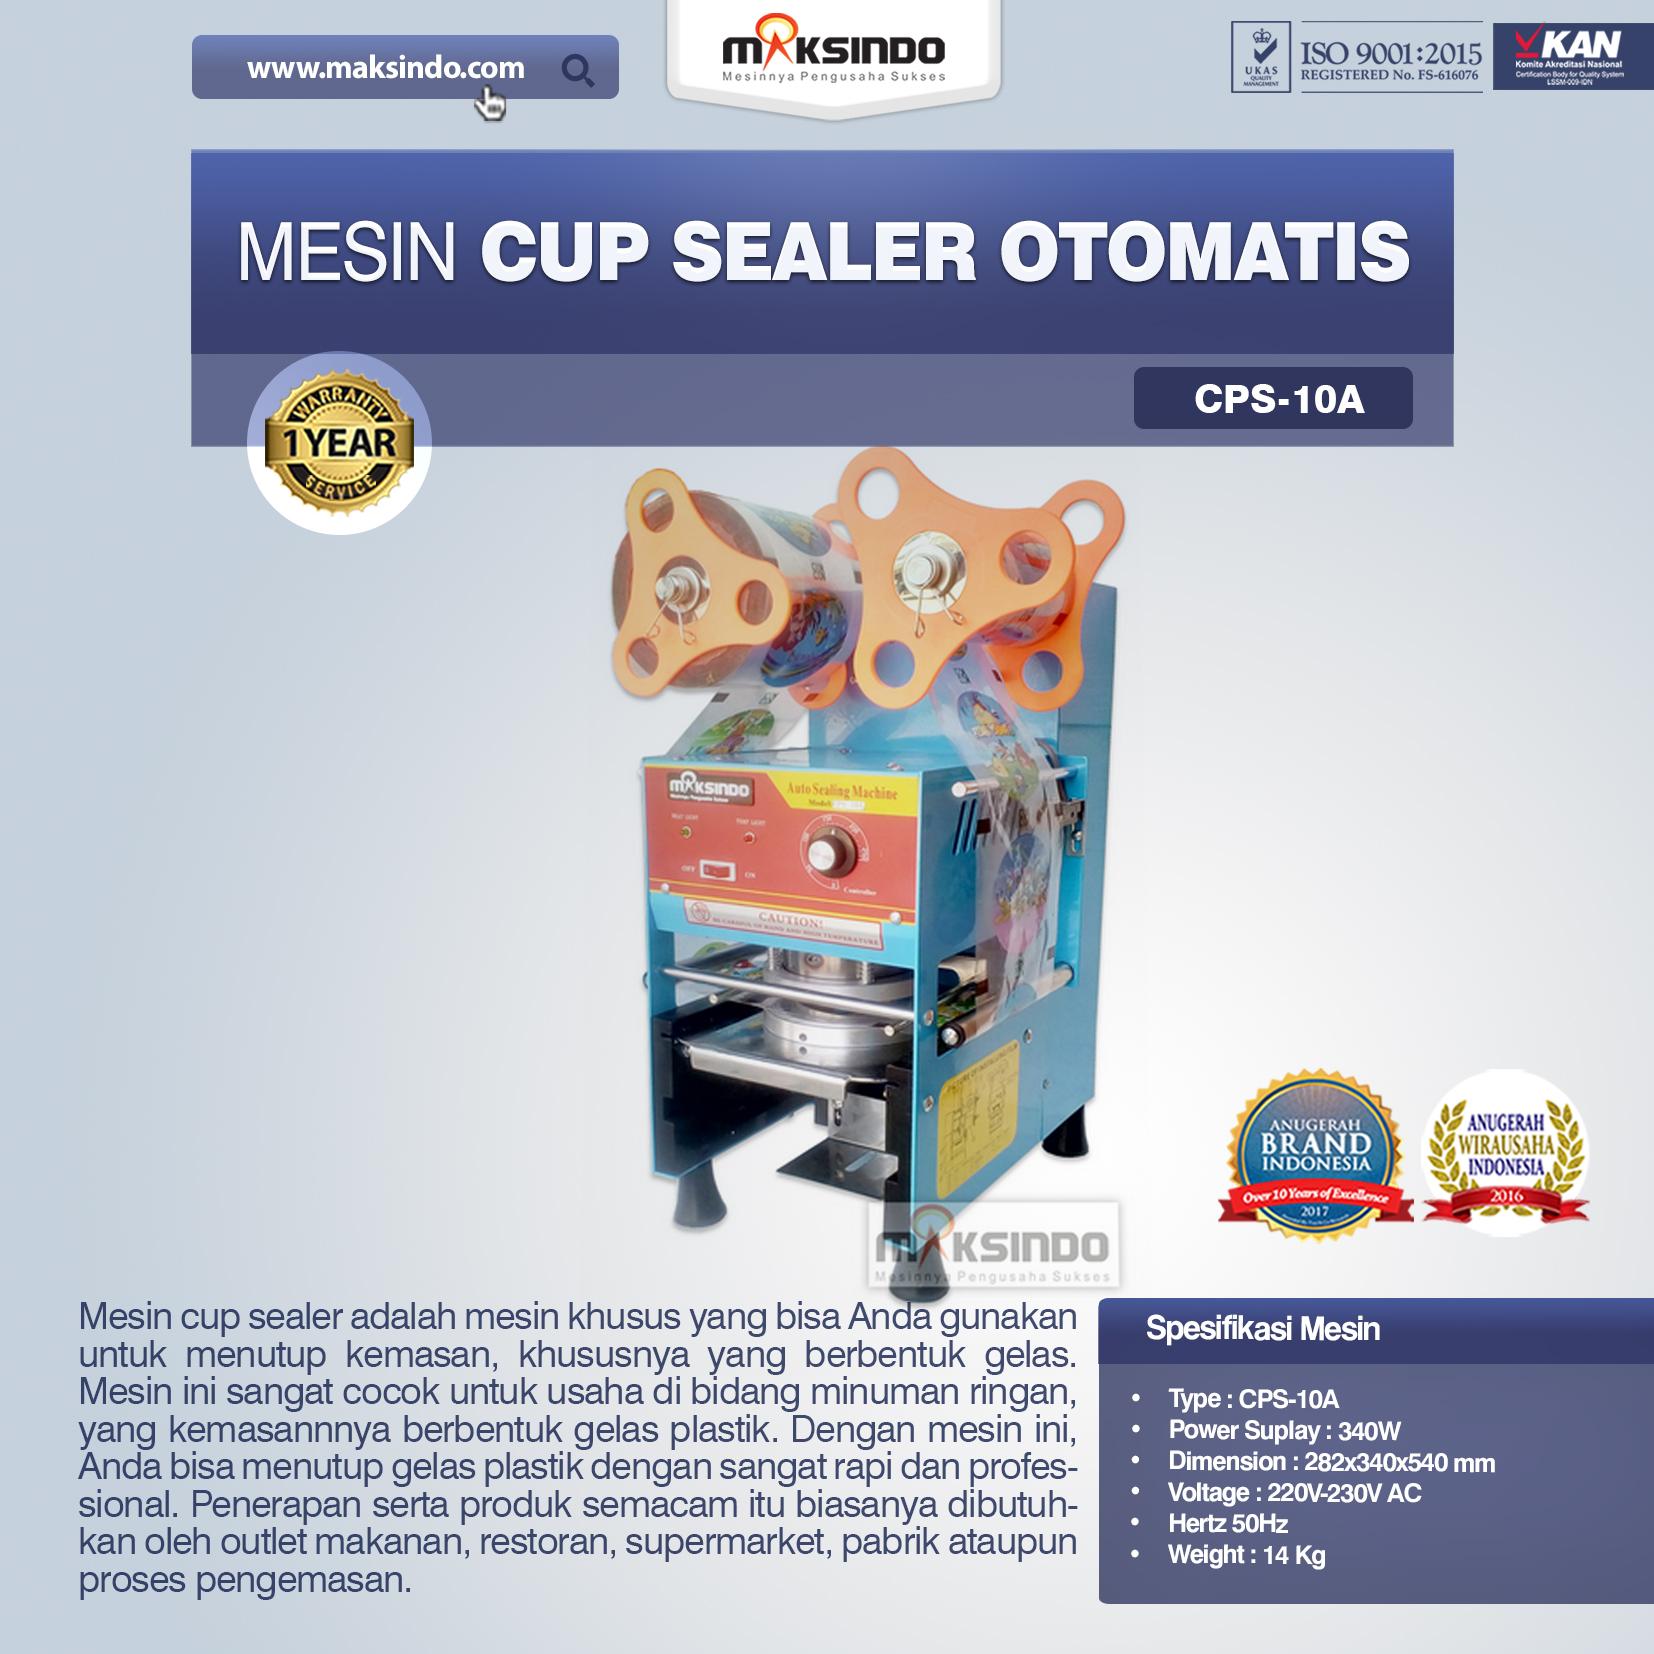 Jual Mesin Cup Sealer Otomatis (CPS-10A) di Palembang